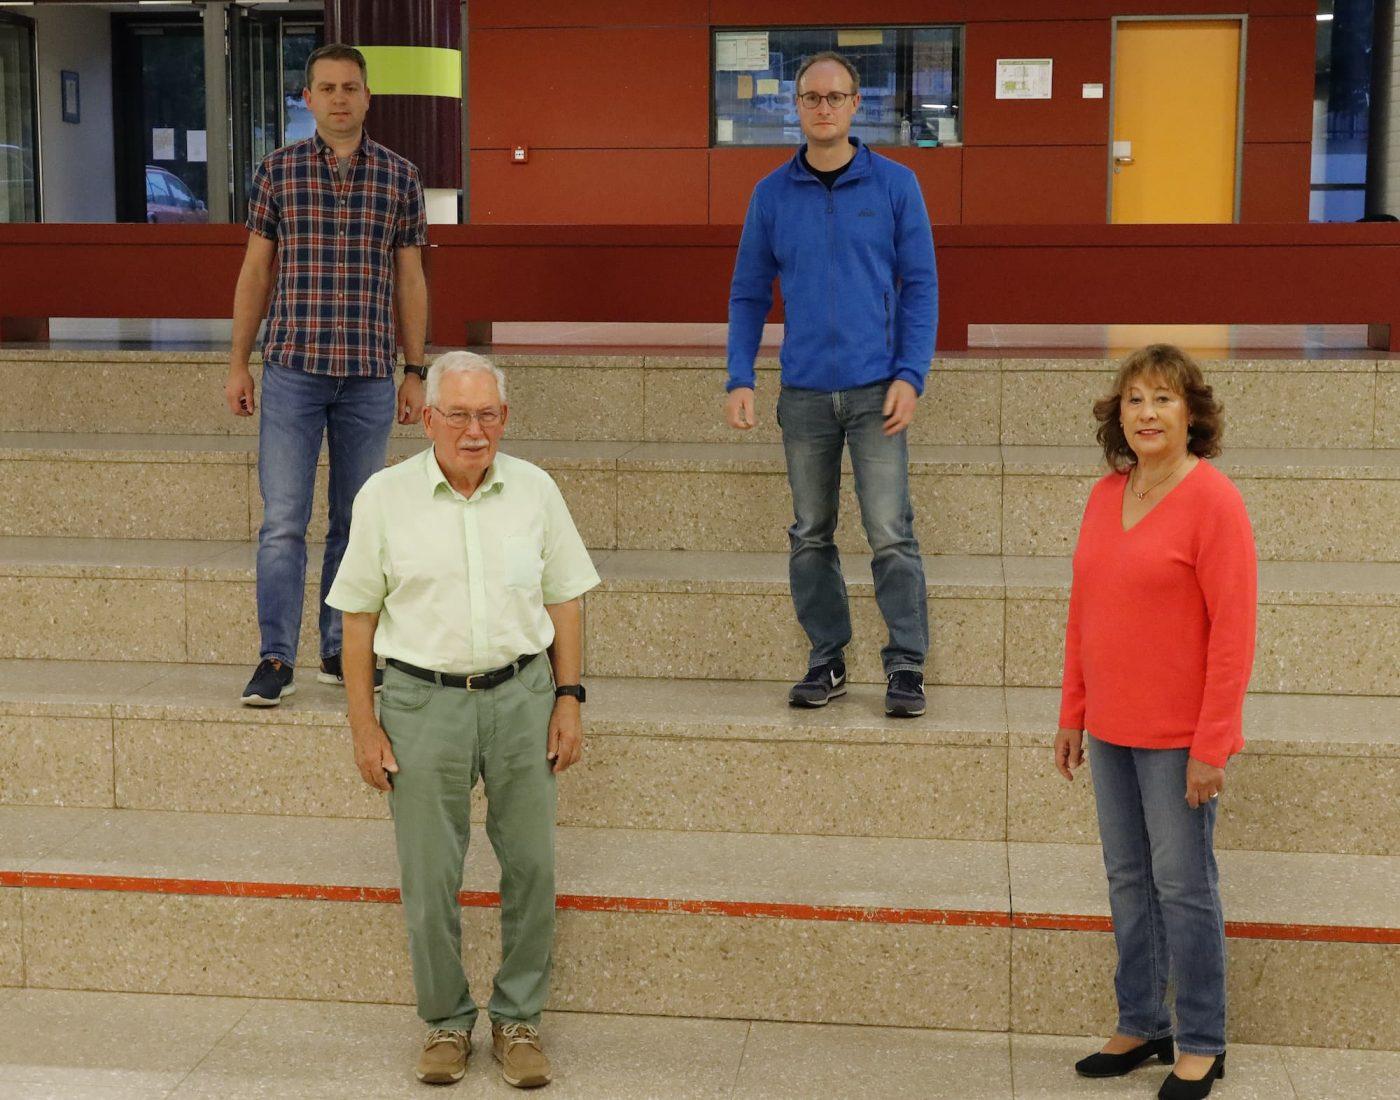 Gruppenbild Hinten: die Neuen im Vorstand v.l. : Matthias Bayer (2. Vorstand), Torsten Christ (Kassier) Vorne v.l.: Robert Wenk (40 Jahre Mitglied) und Renate Heumann (25 Jahre Mitglied)